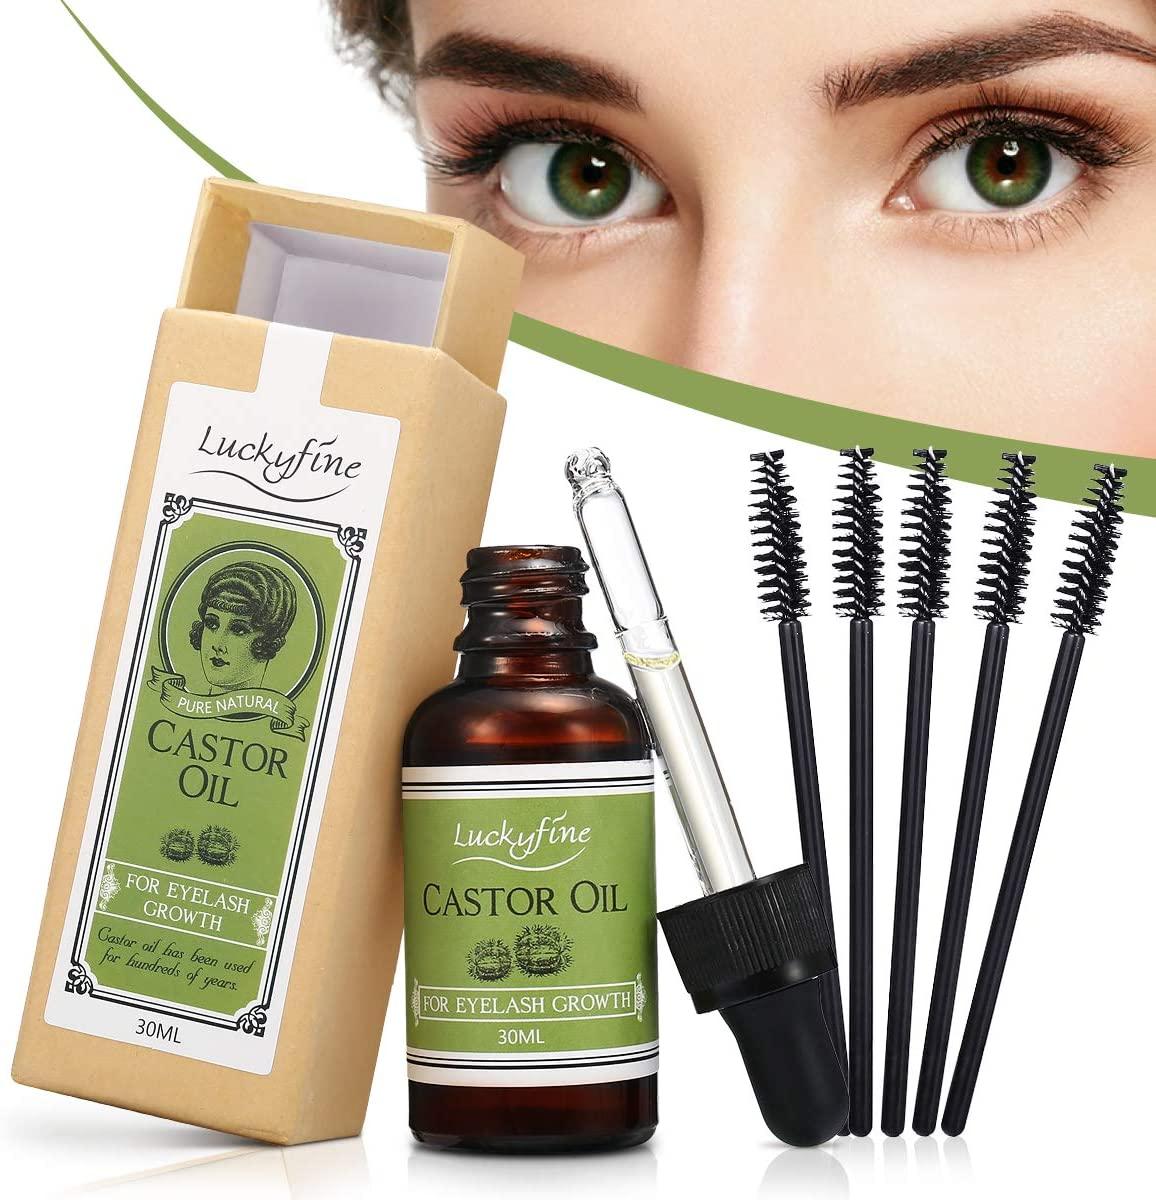 Luckyfine Bioactive Pure Castor Oil